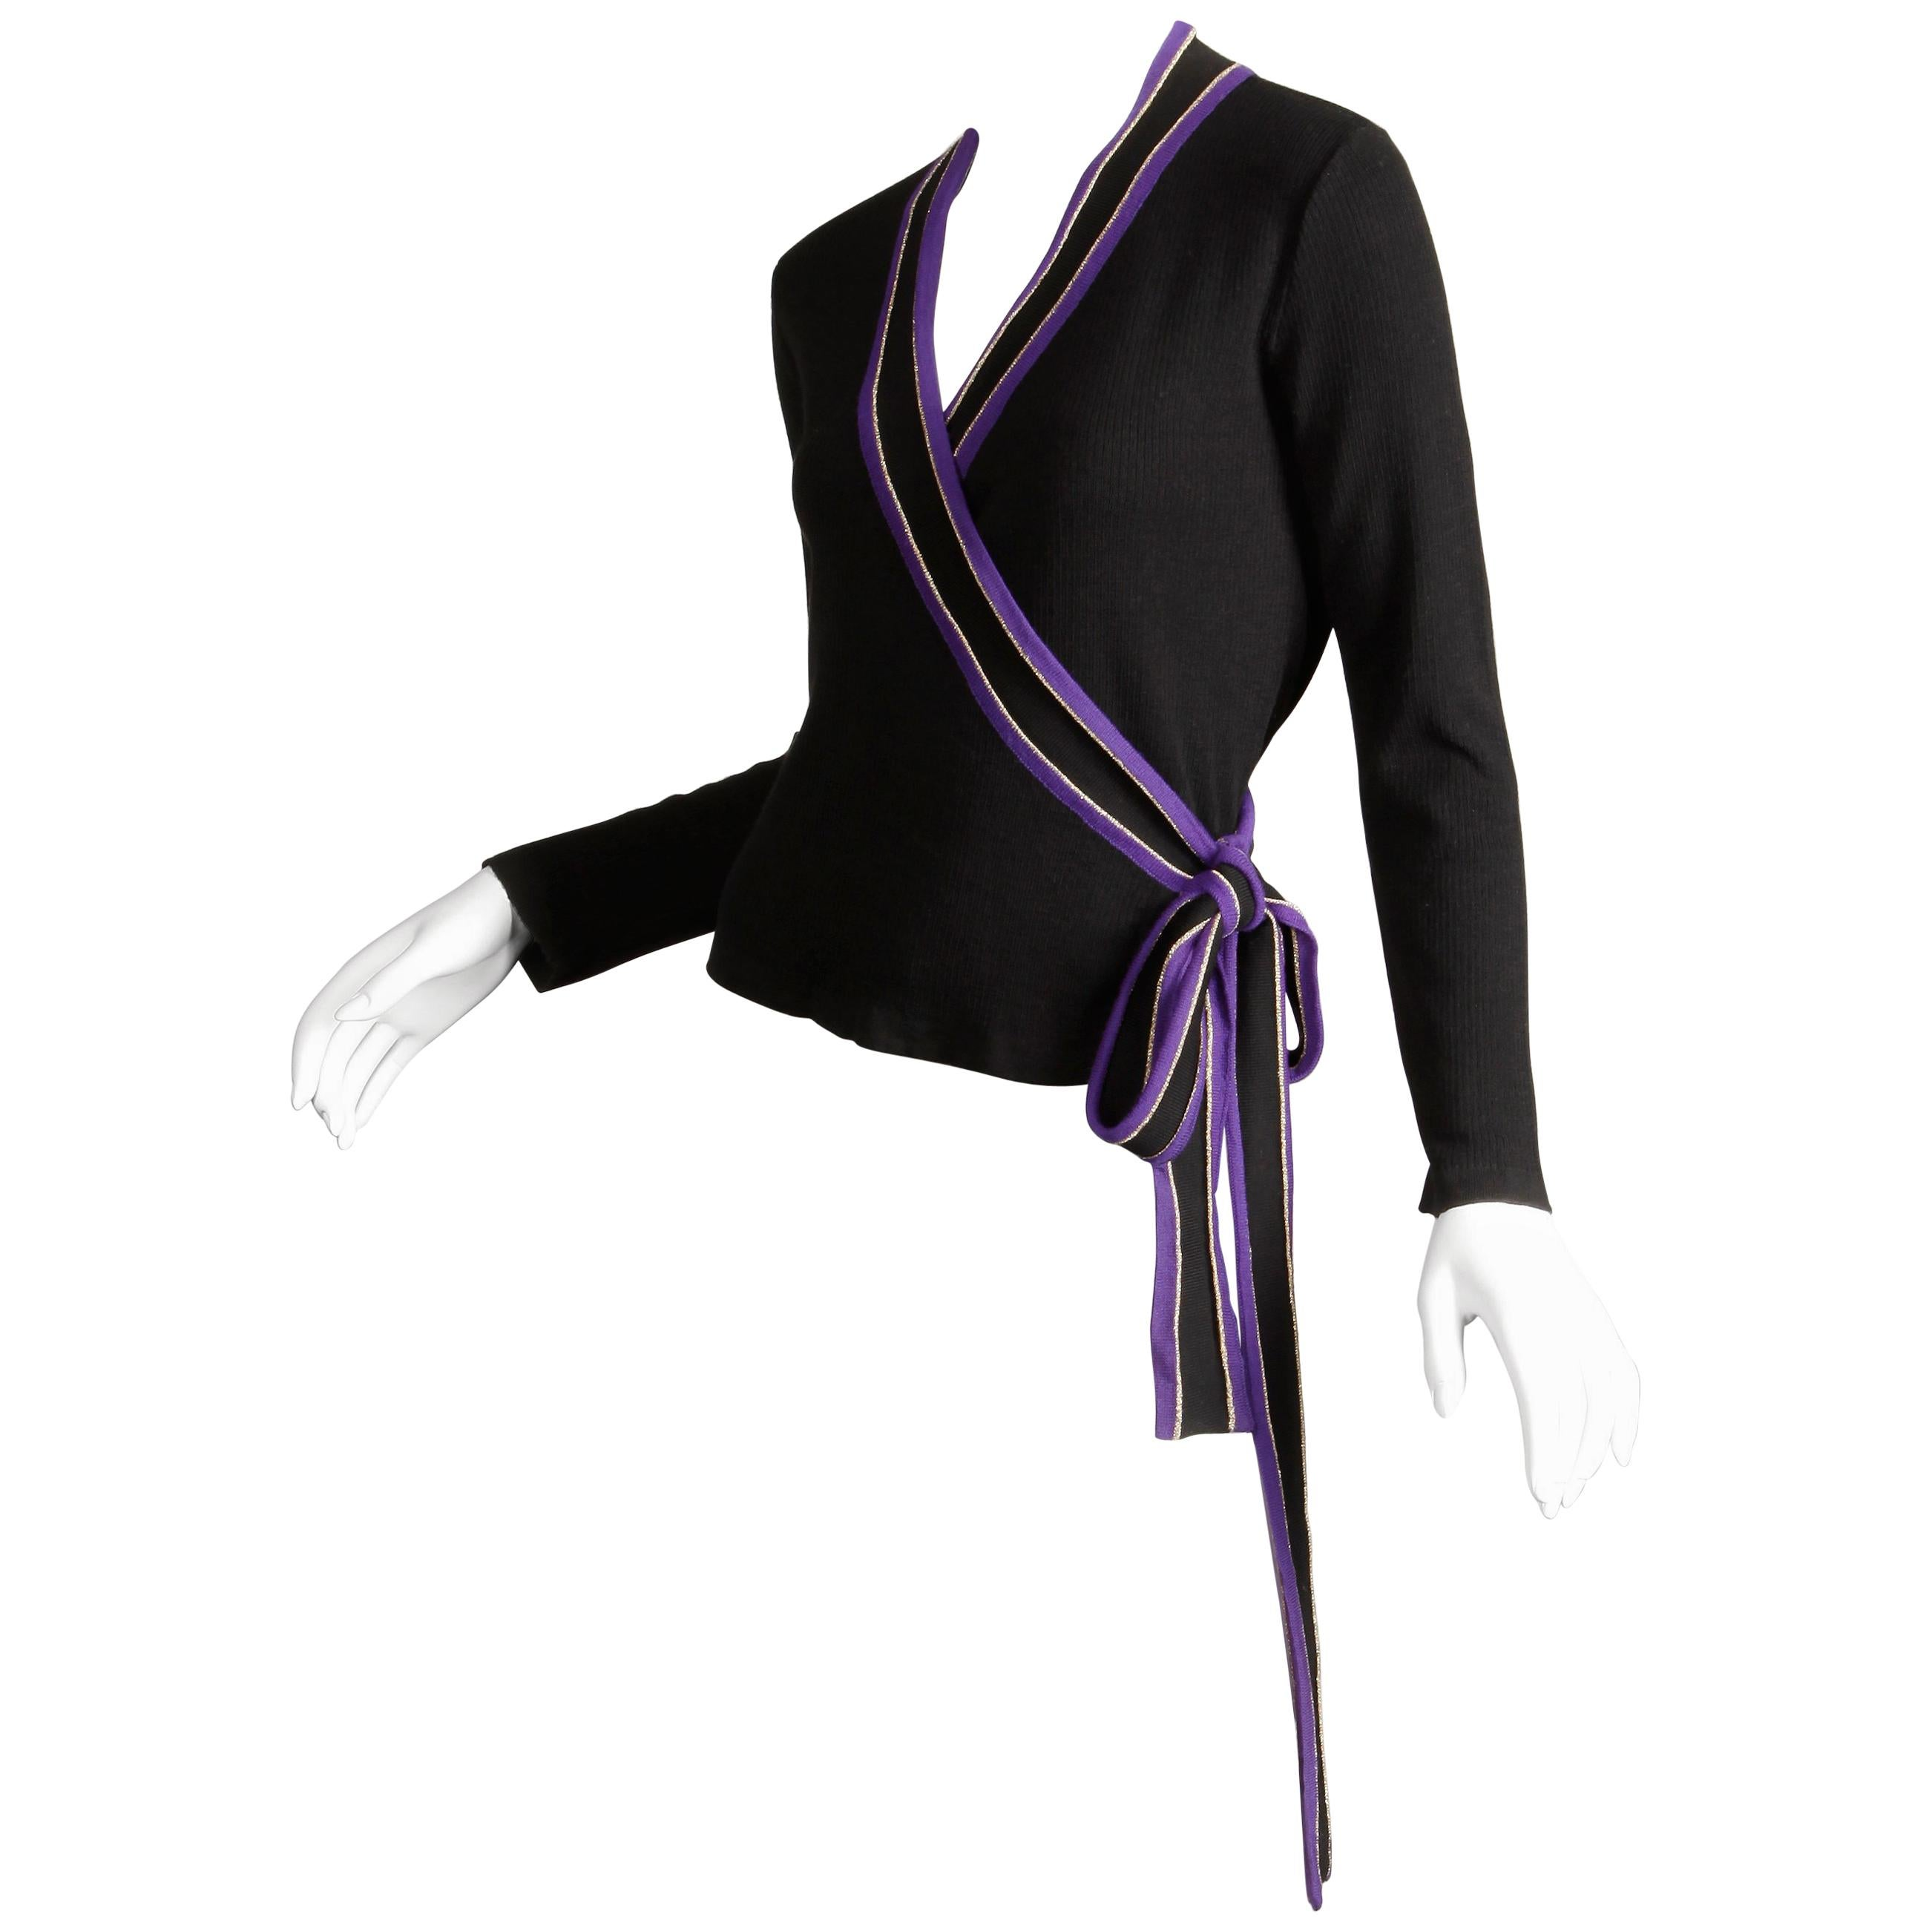 1970s Yves Saint Laurent Vintage Purple Black Gold Knit Wrap Sweater Top/ Shirt